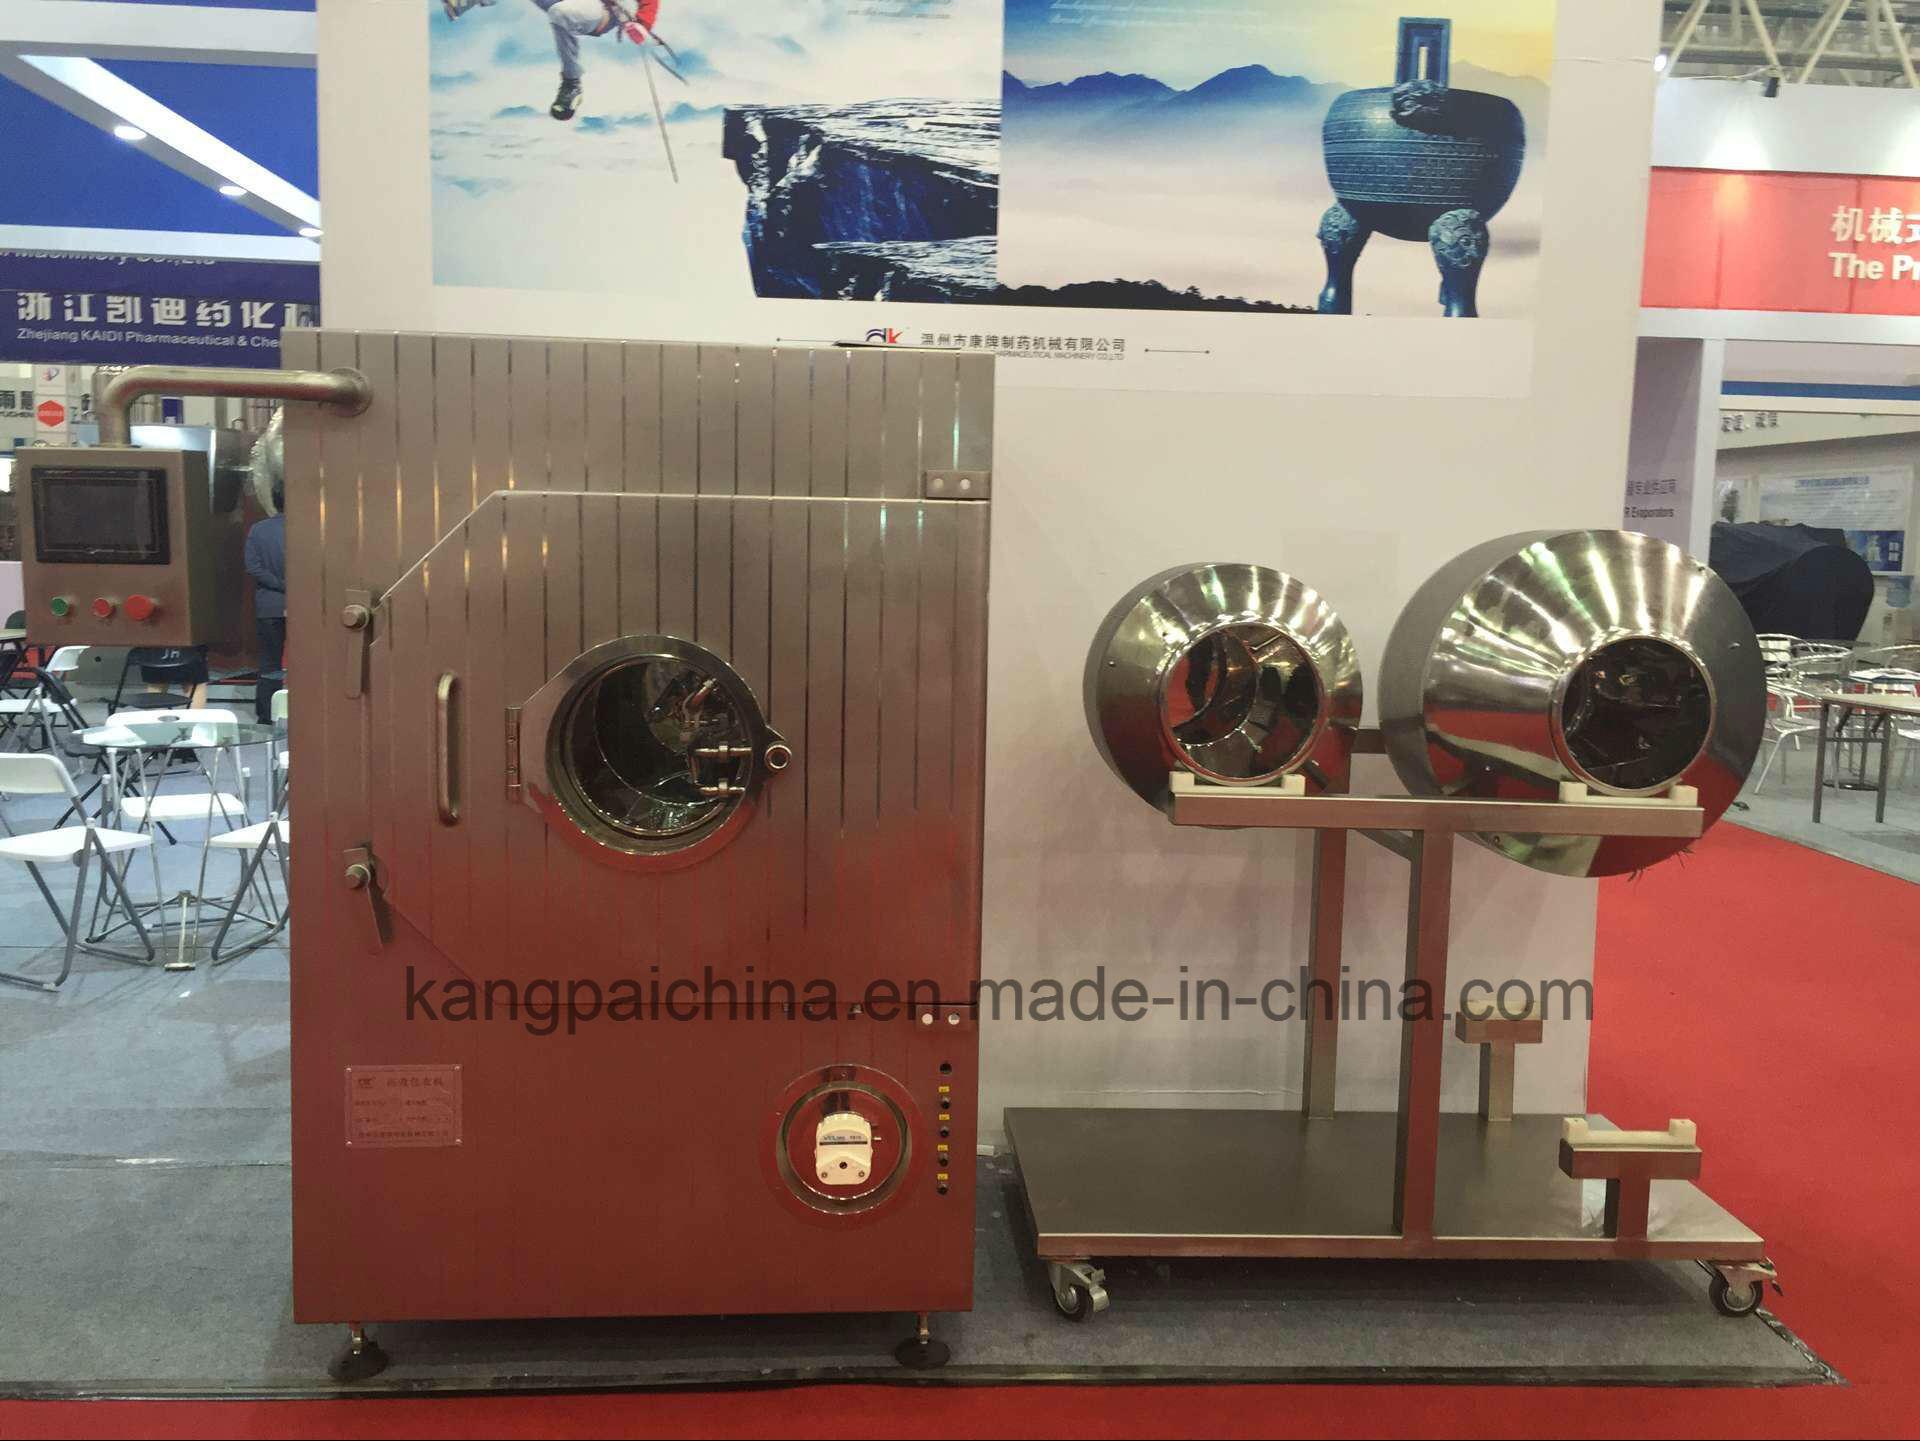 Kgb/K Roller-Changing Coating Machine (Pill/Sugar/Tablet/Film/Medicine coater)